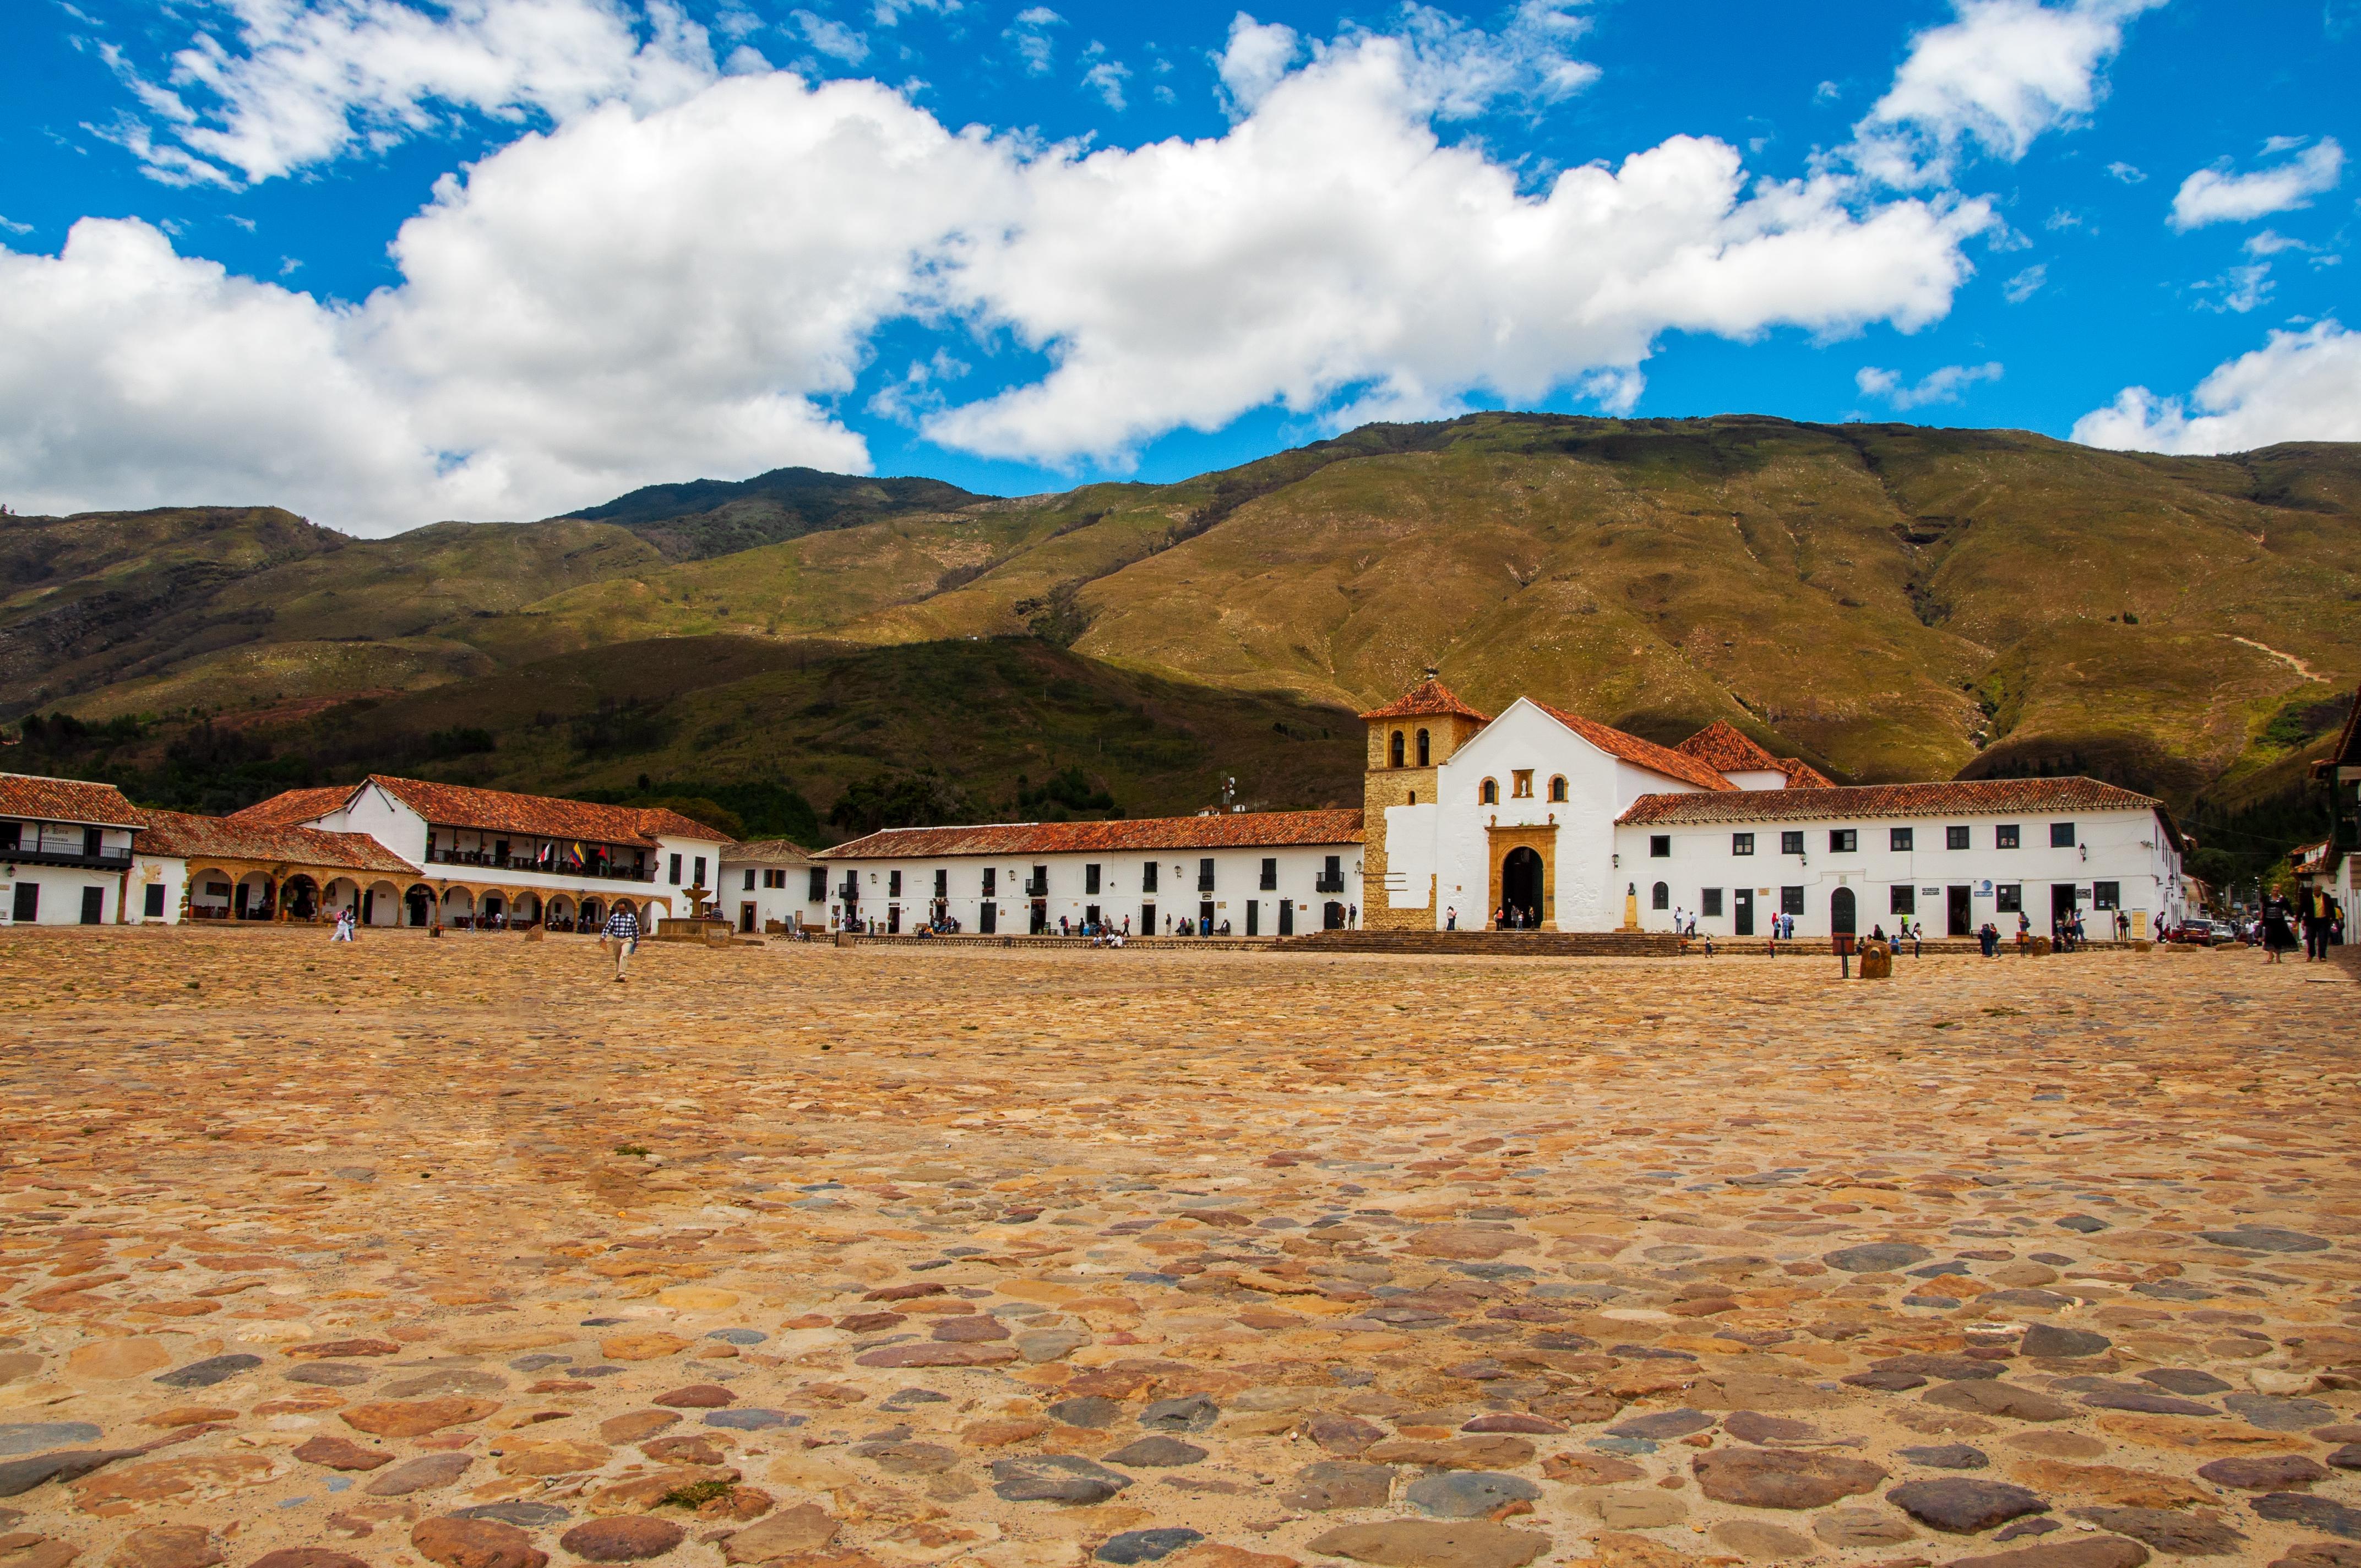 Plaza Villa de Leyva